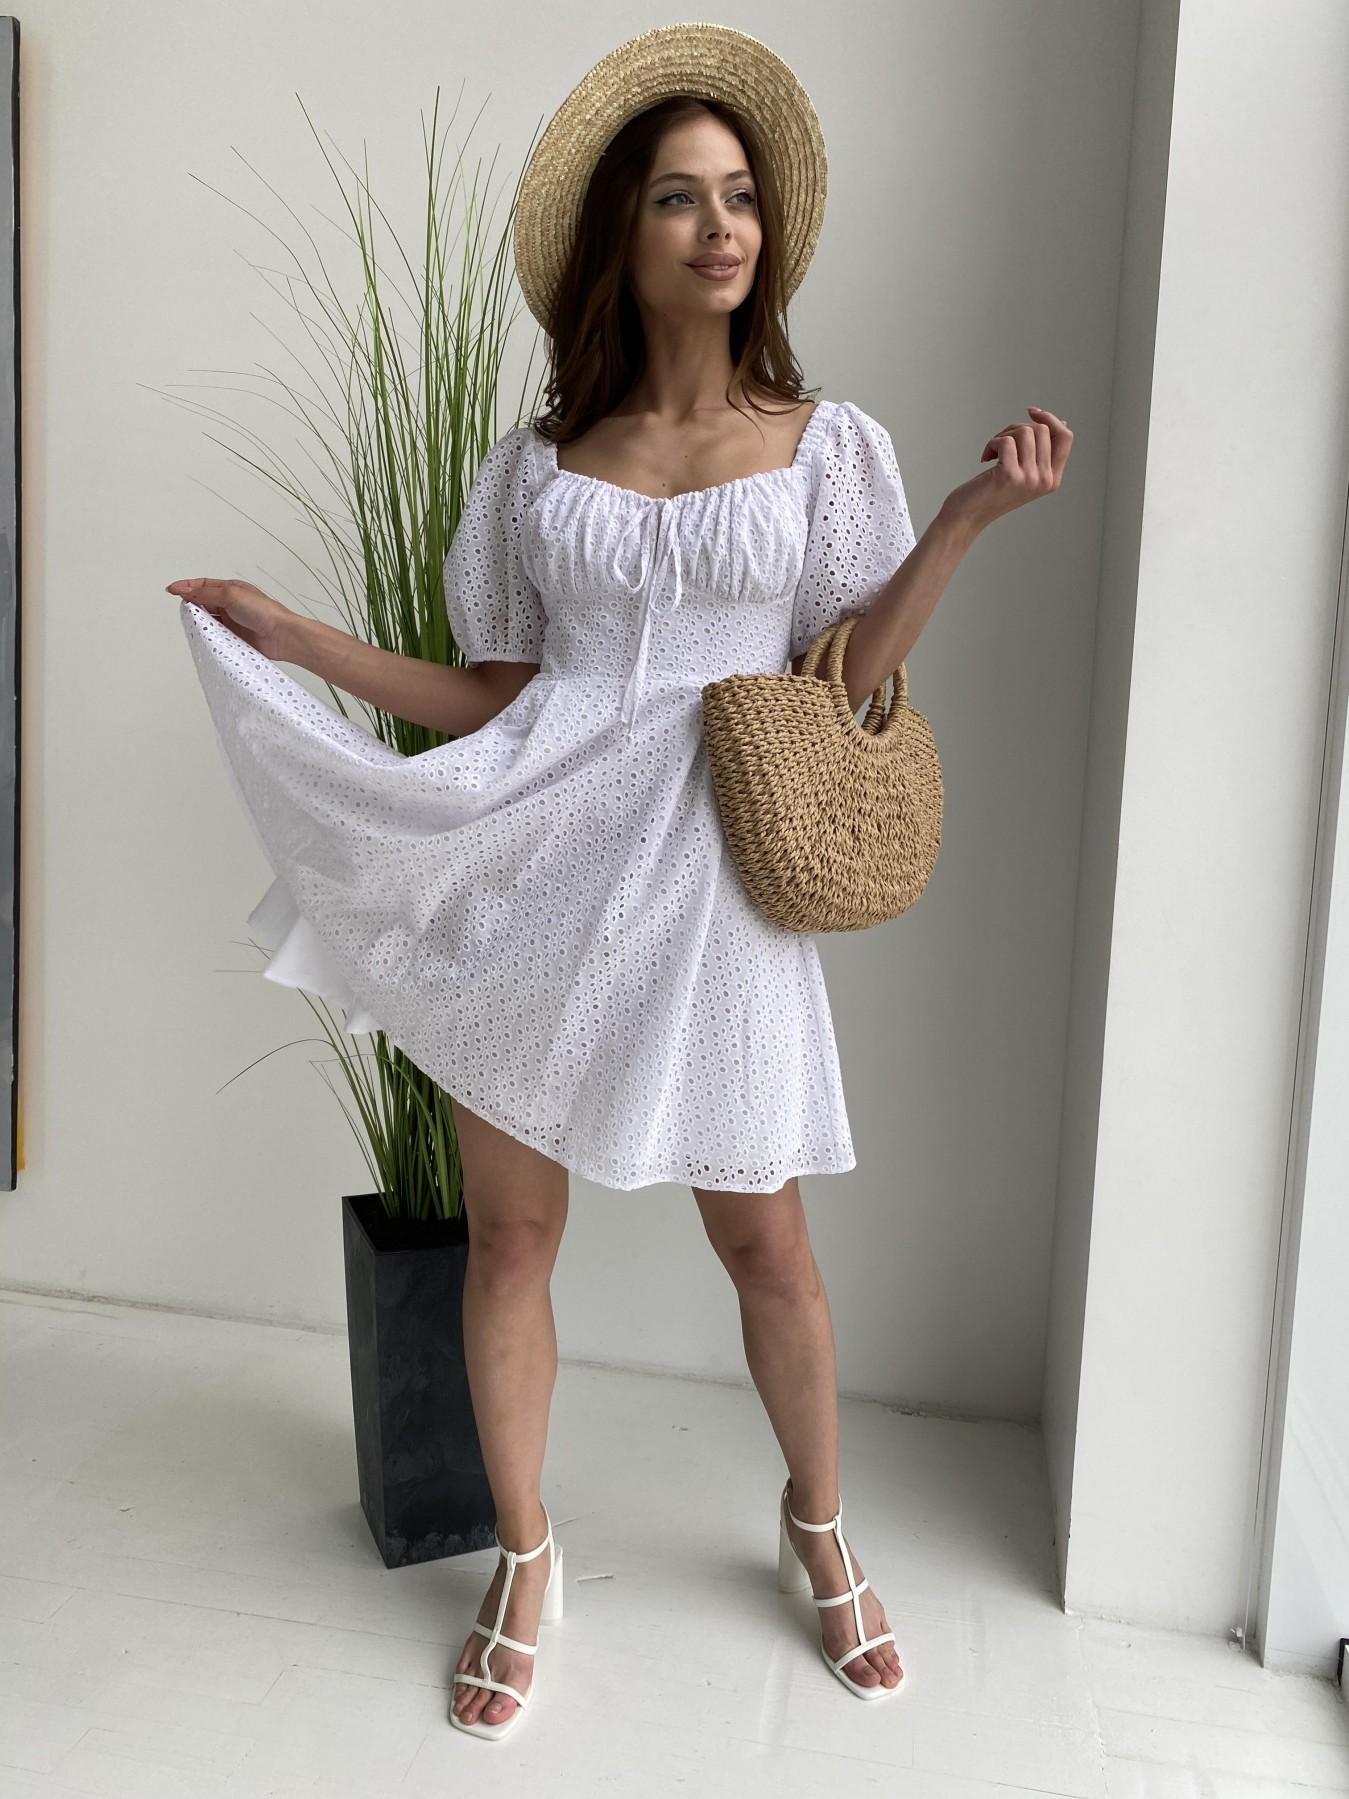 Кисес мини платье из прошвы 11439 АРТ. 48012 Цвет: Белый/МелЦветПерфор - фото 4, интернет магазин tm-modus.ru